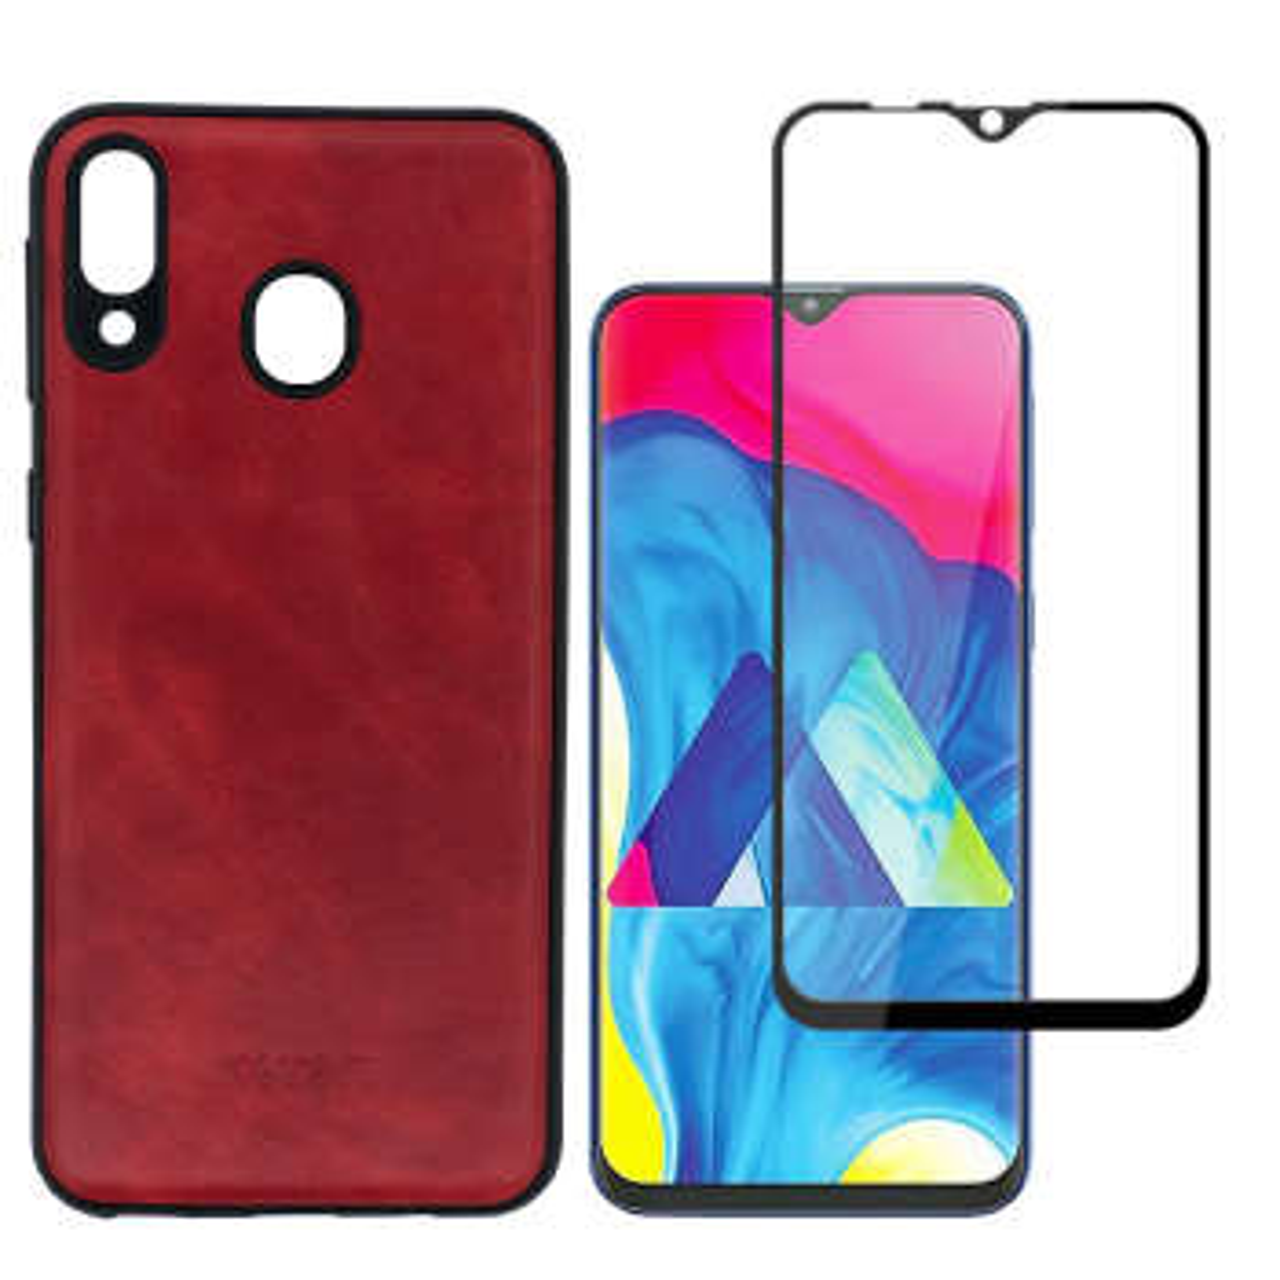 کاور  مدل LETG مناسب برای گوشی موبایل سامسونگ Galaxy M20 به همراه محافظ صفحه نمایش